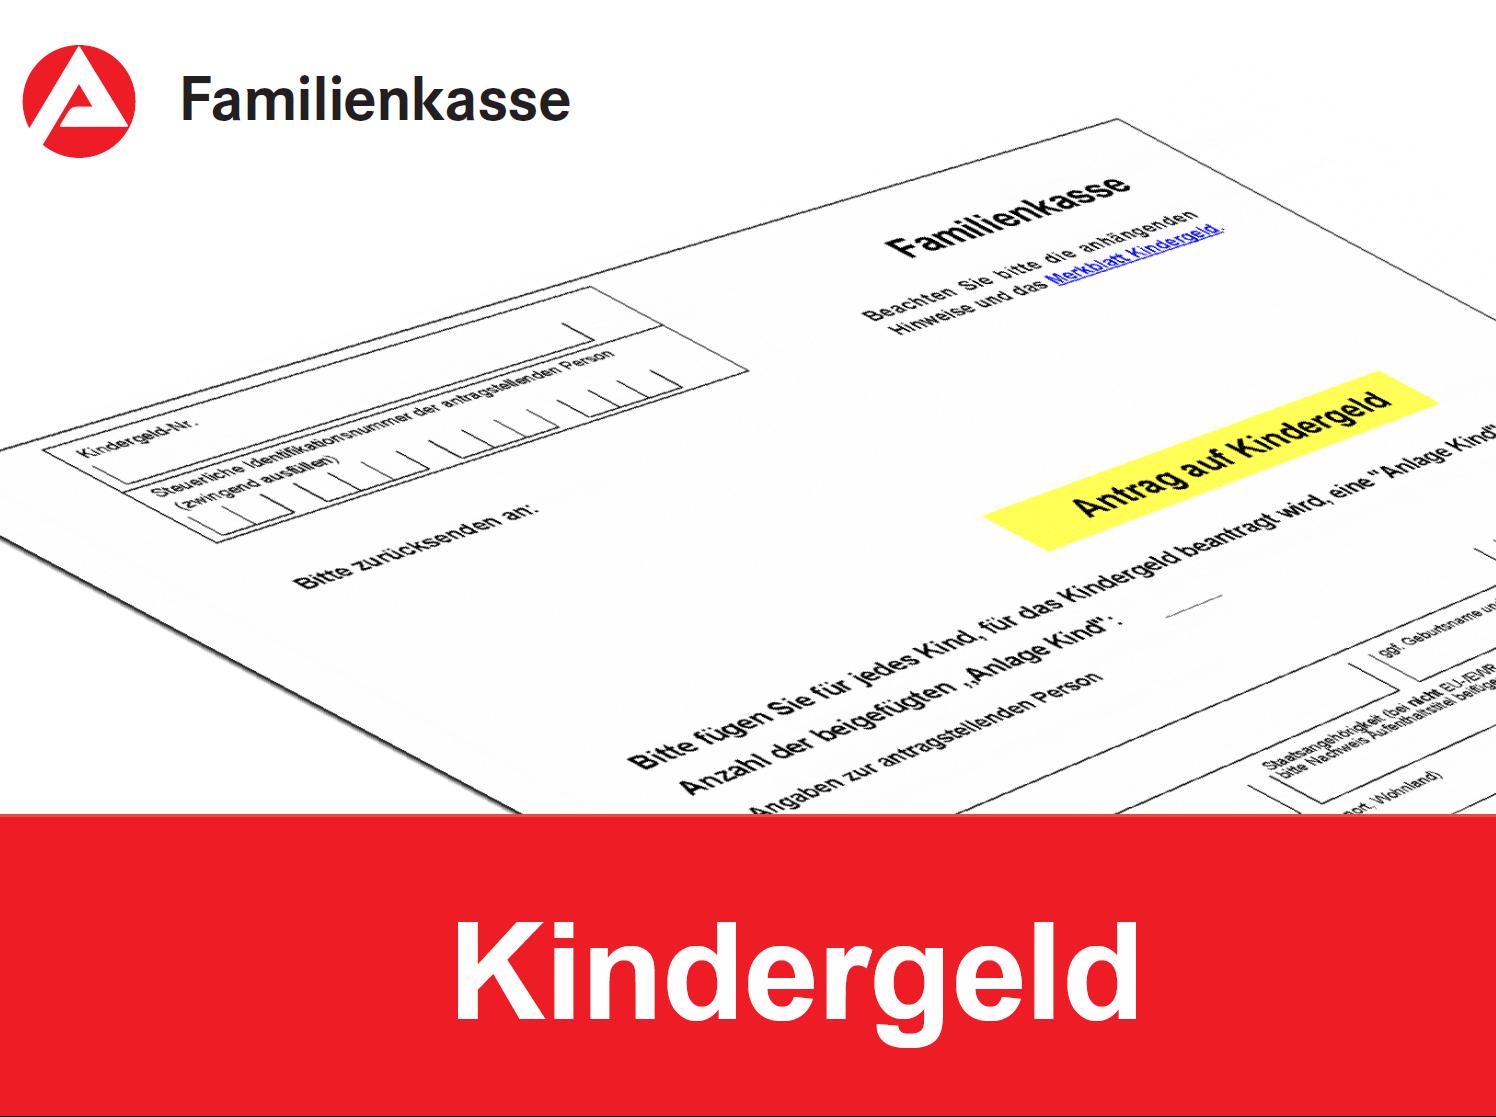 Kindergeld: Ab 2016 nur mit Steuer-Identifikationsnummer